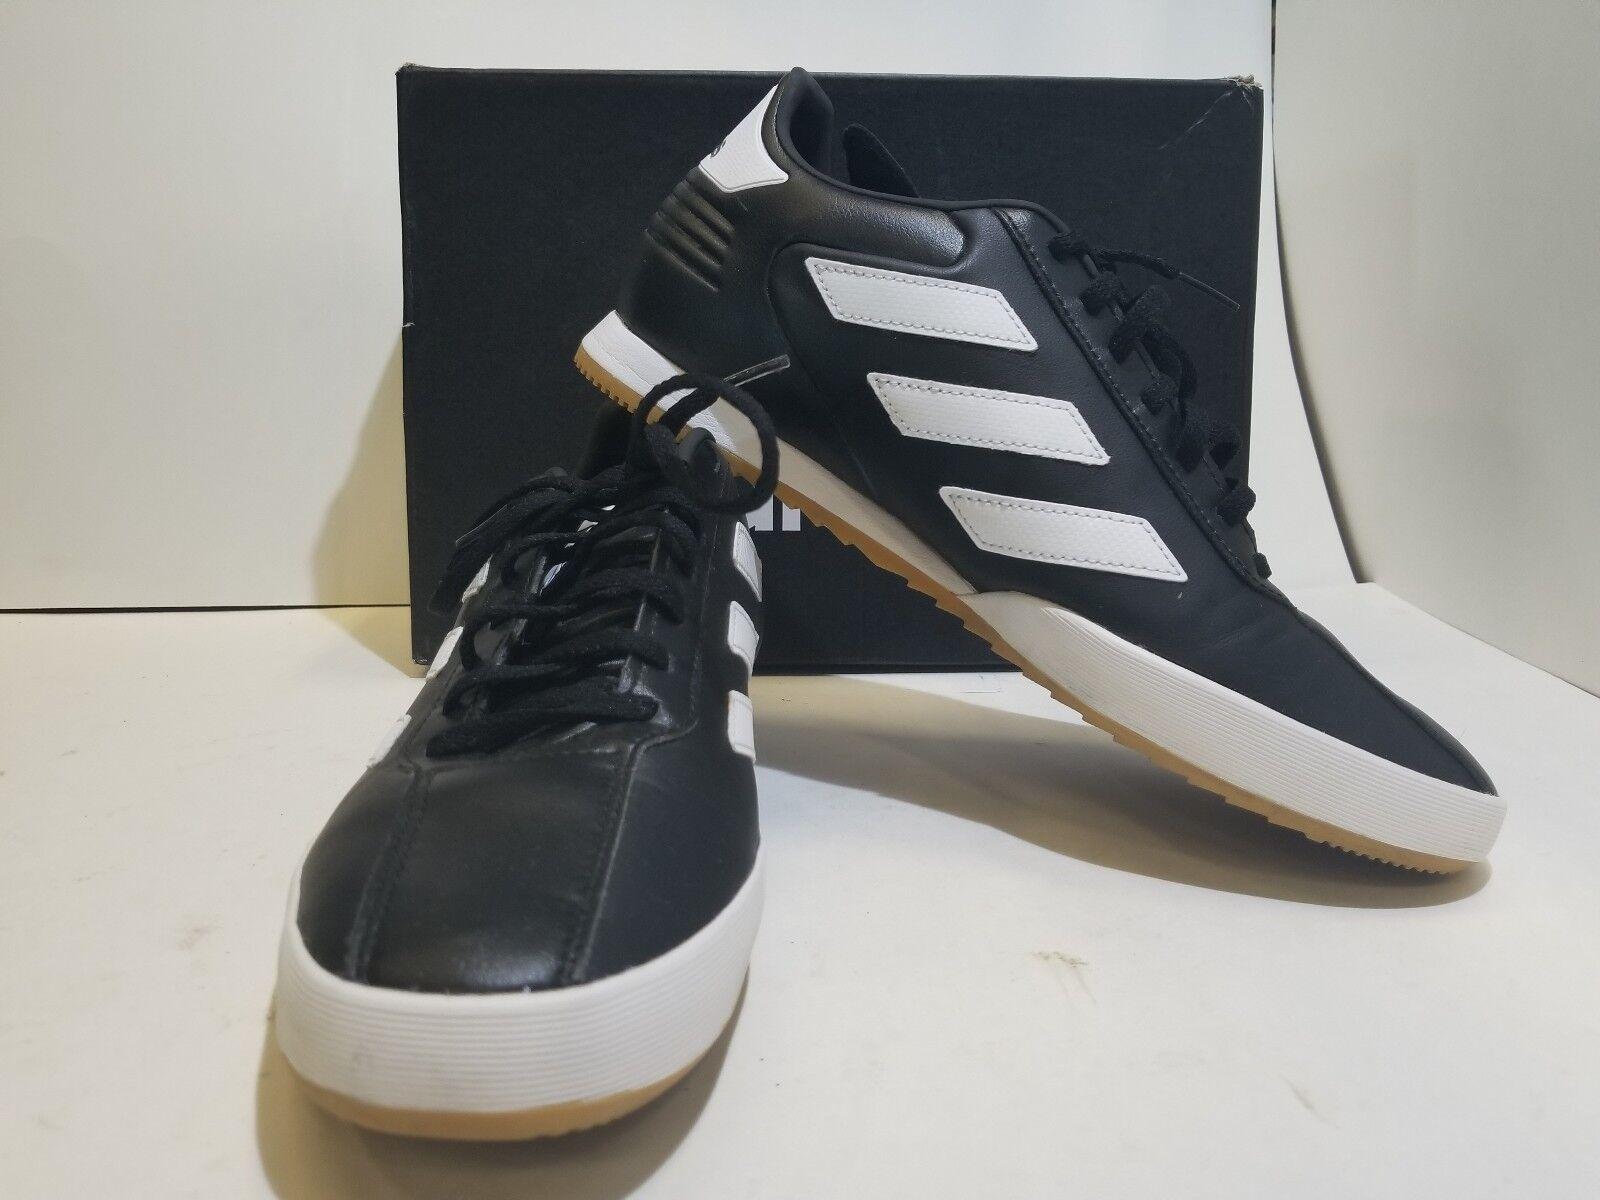 Adidas Copa Super Negro DB1881 para Hombre US 10.5